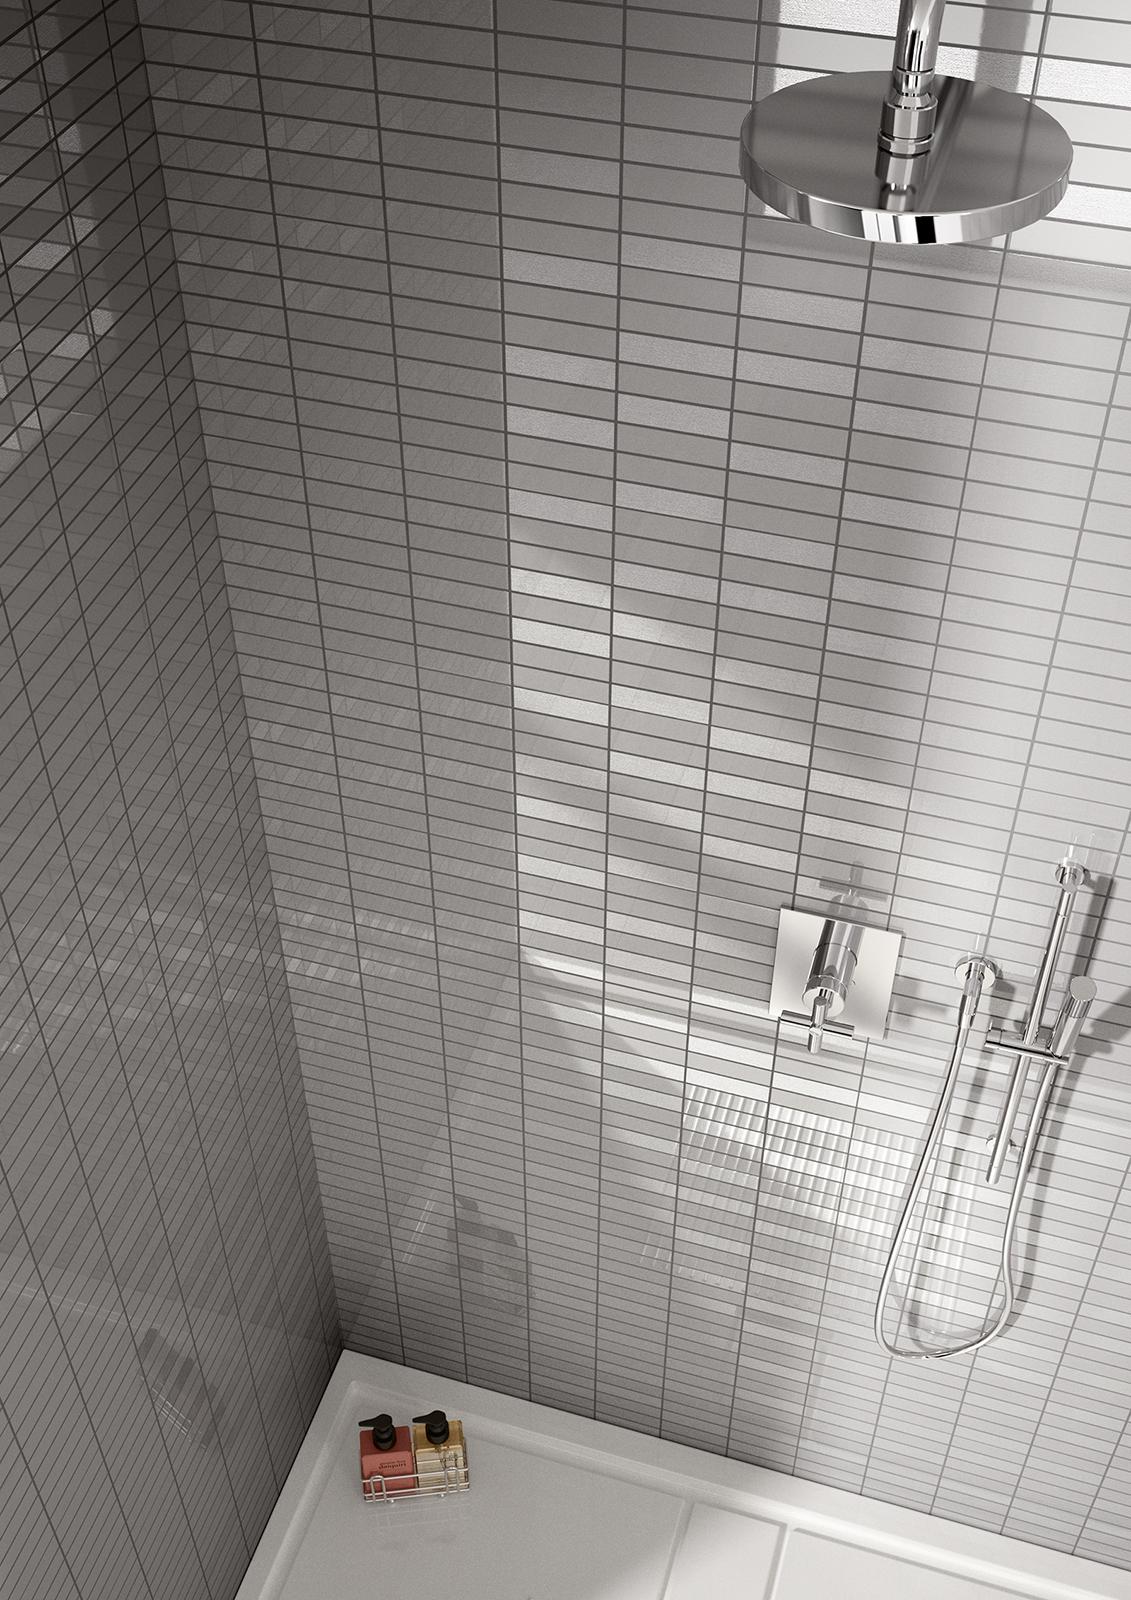 Piastrelle a mosaico per bagno e altri ambienti marazzi - Stuccare fughe piastrelle doccia ...